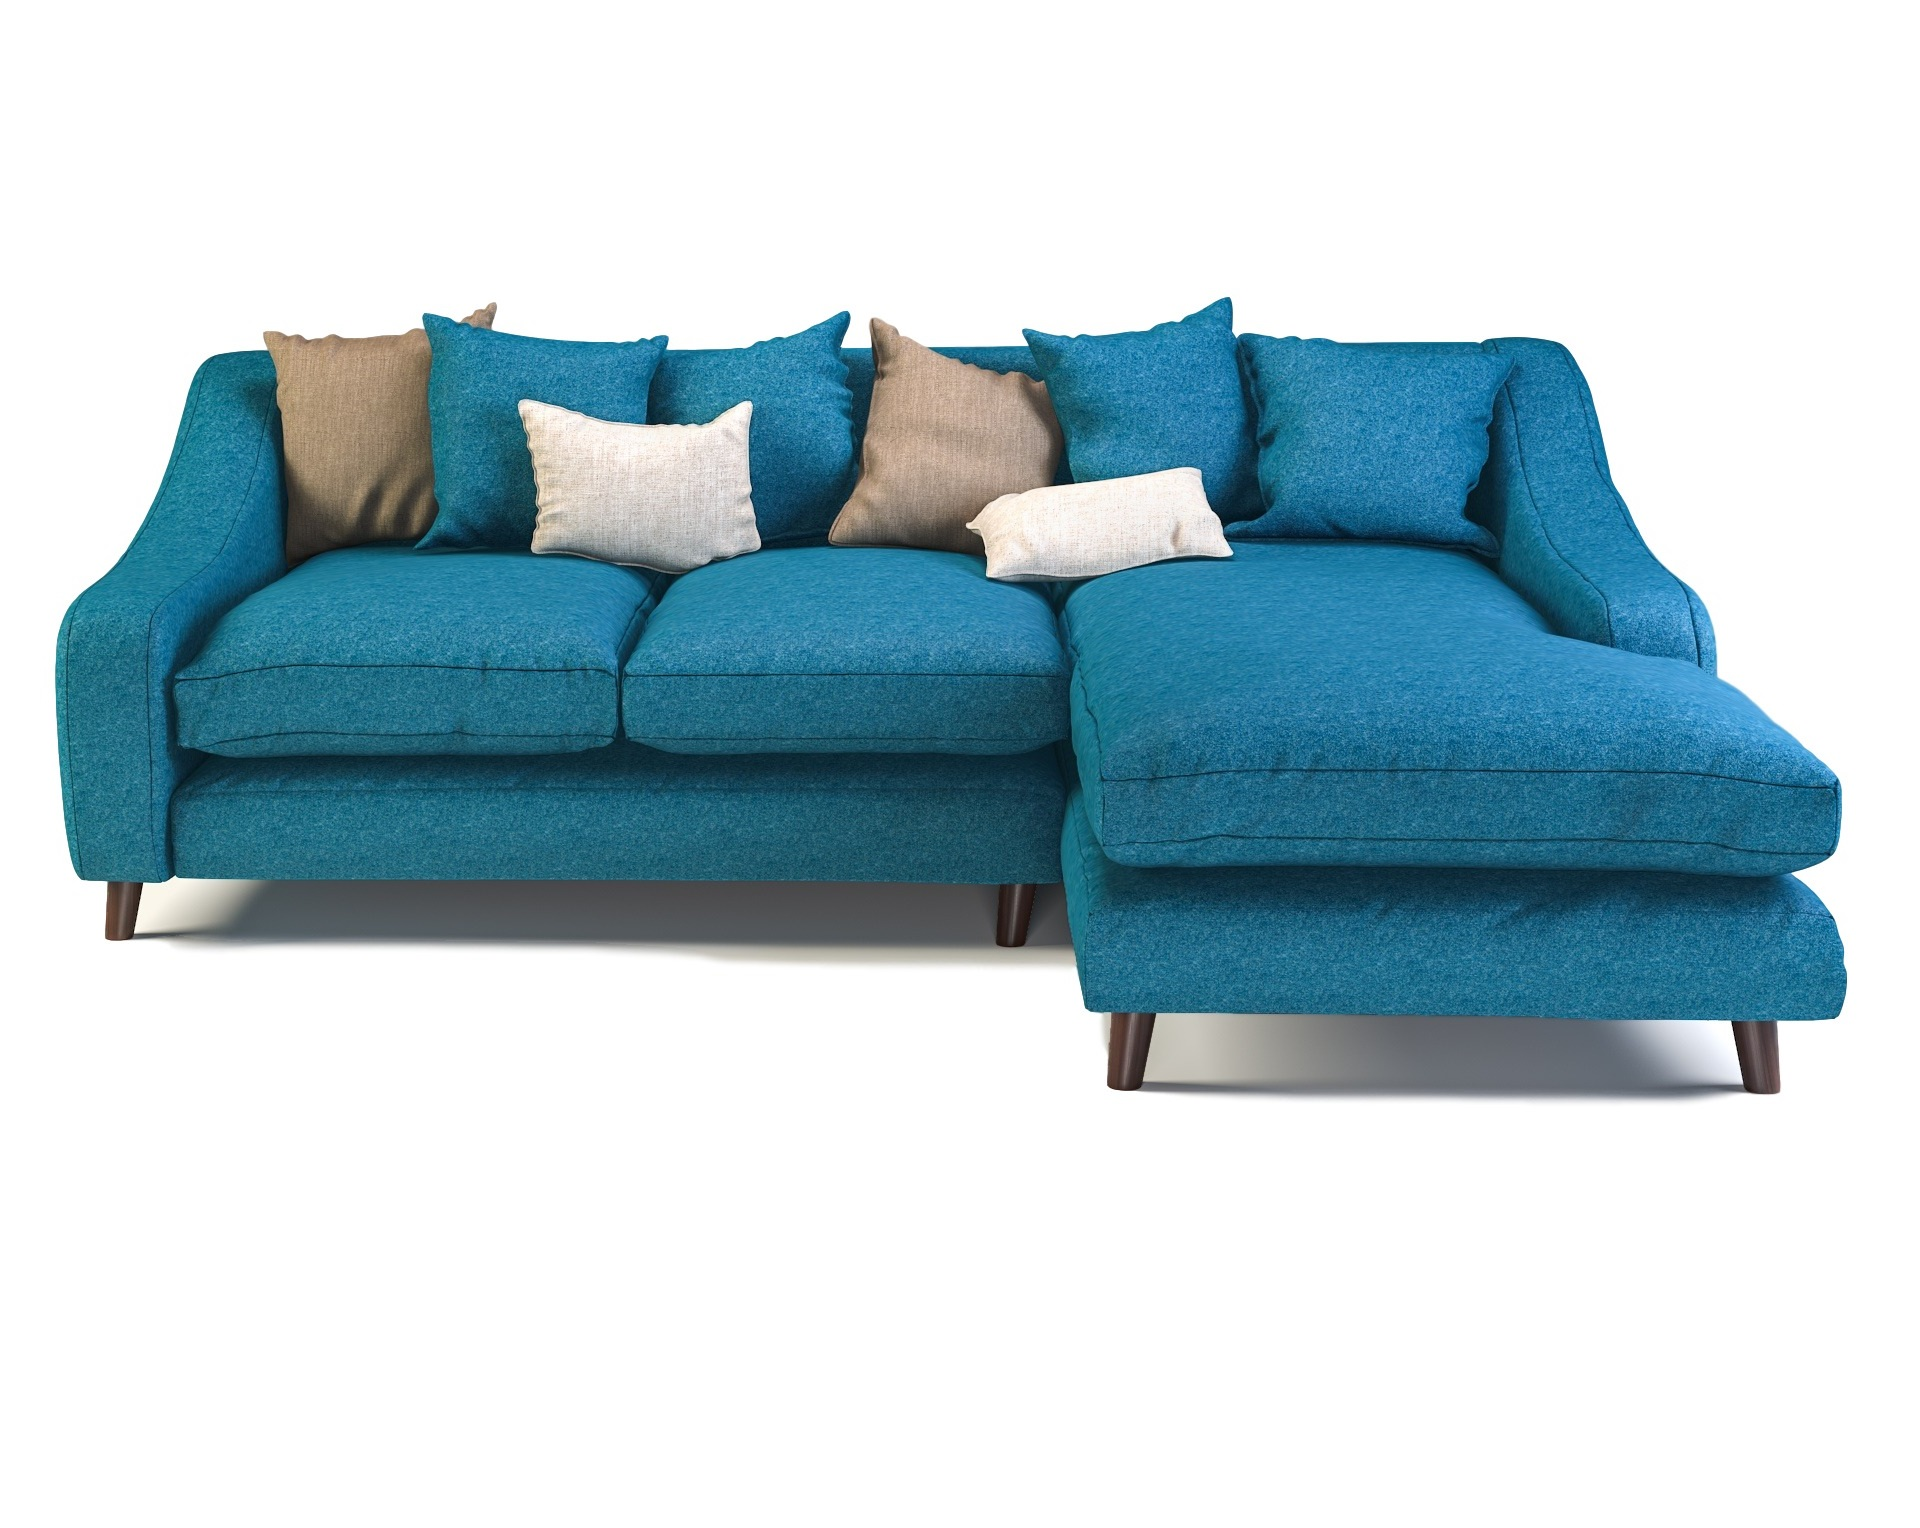 Диван AngleУгловые диваны<br>&amp;lt;div&amp;gt;Что делает диван &amp;quot;Angle&amp;quot; таким незаурядным? Его воздушность, конечно! Тонкие, элегантные ножки придают дивану эффект левитации, а &amp;quot;скошенные&amp;quot; подлокотники расширяют и без того просторное сиденье.&amp;lt;br&amp;gt;&amp;lt;/div&amp;gt;&amp;lt;div&amp;gt;&amp;lt;br&amp;gt;&amp;lt;/div&amp;gt;В комплекте 2 подушки того же цвета что и обивка.<br><br>Material: Текстиль<br>Width см: 247<br>Depth см: 167<br>Height см: 73